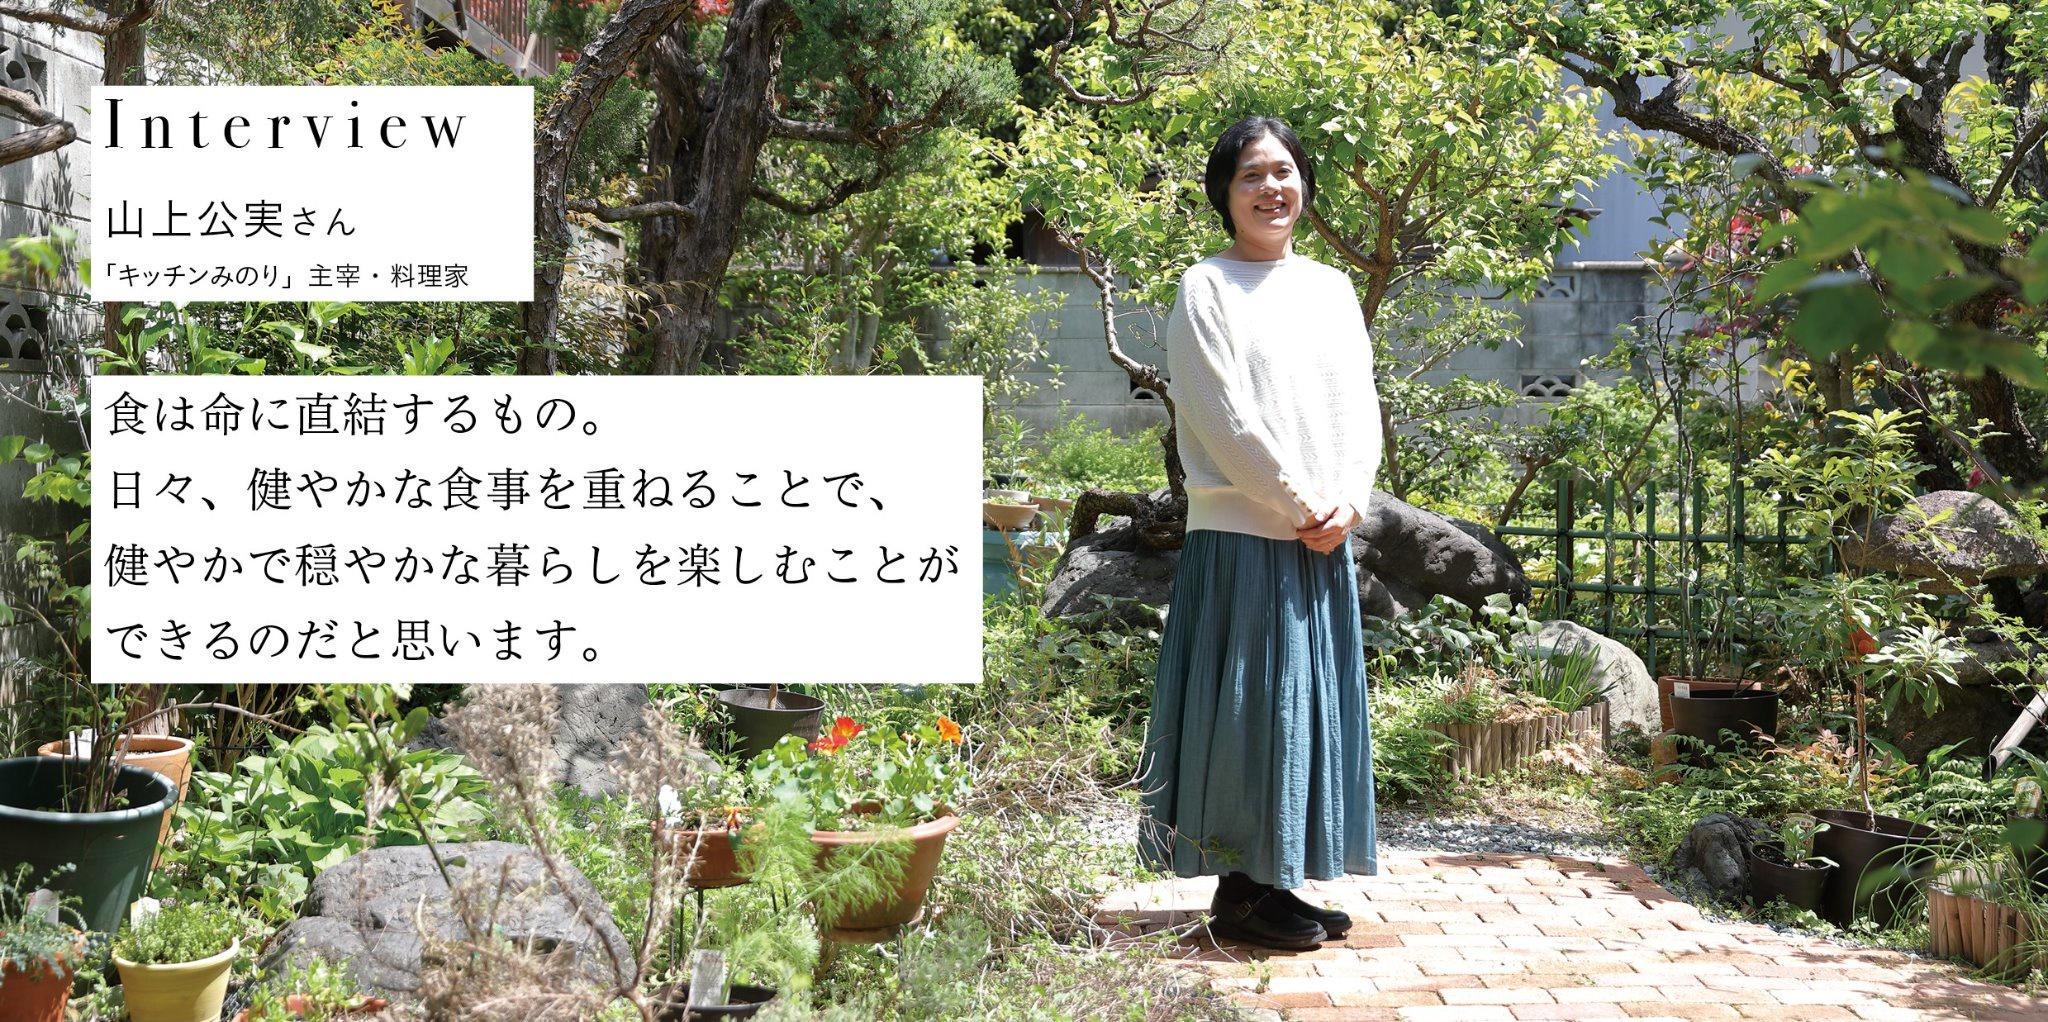 「キッチンみのり」主宰 料理家 山上公実さんに健康の秘訣を伺いました!【前編】